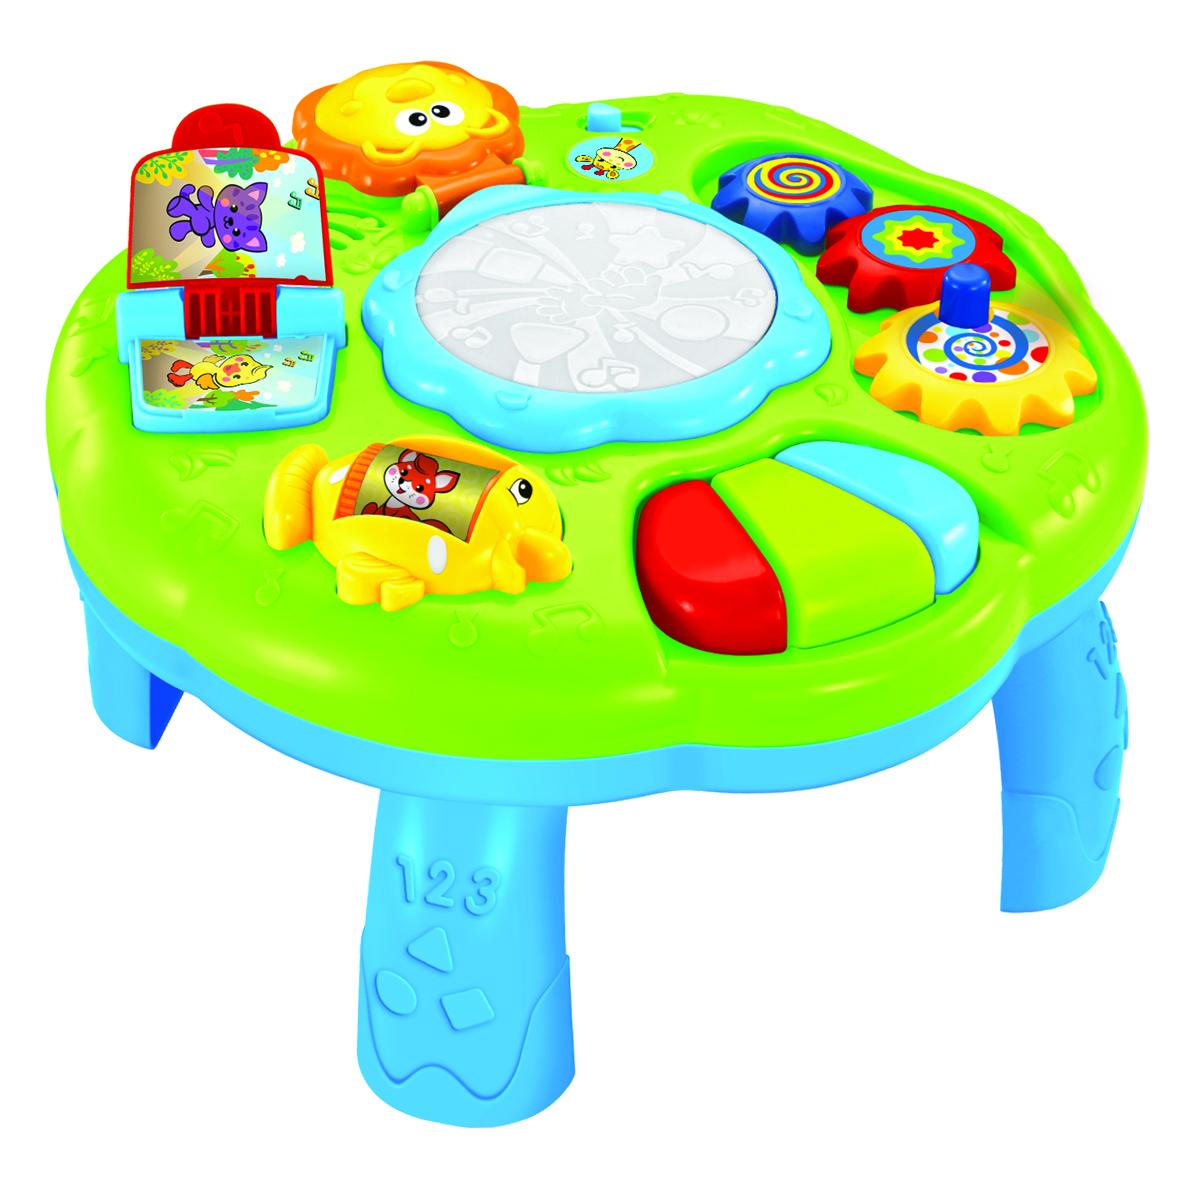 Купить Развивающие игрушки, Столик, Жирафики, Китай